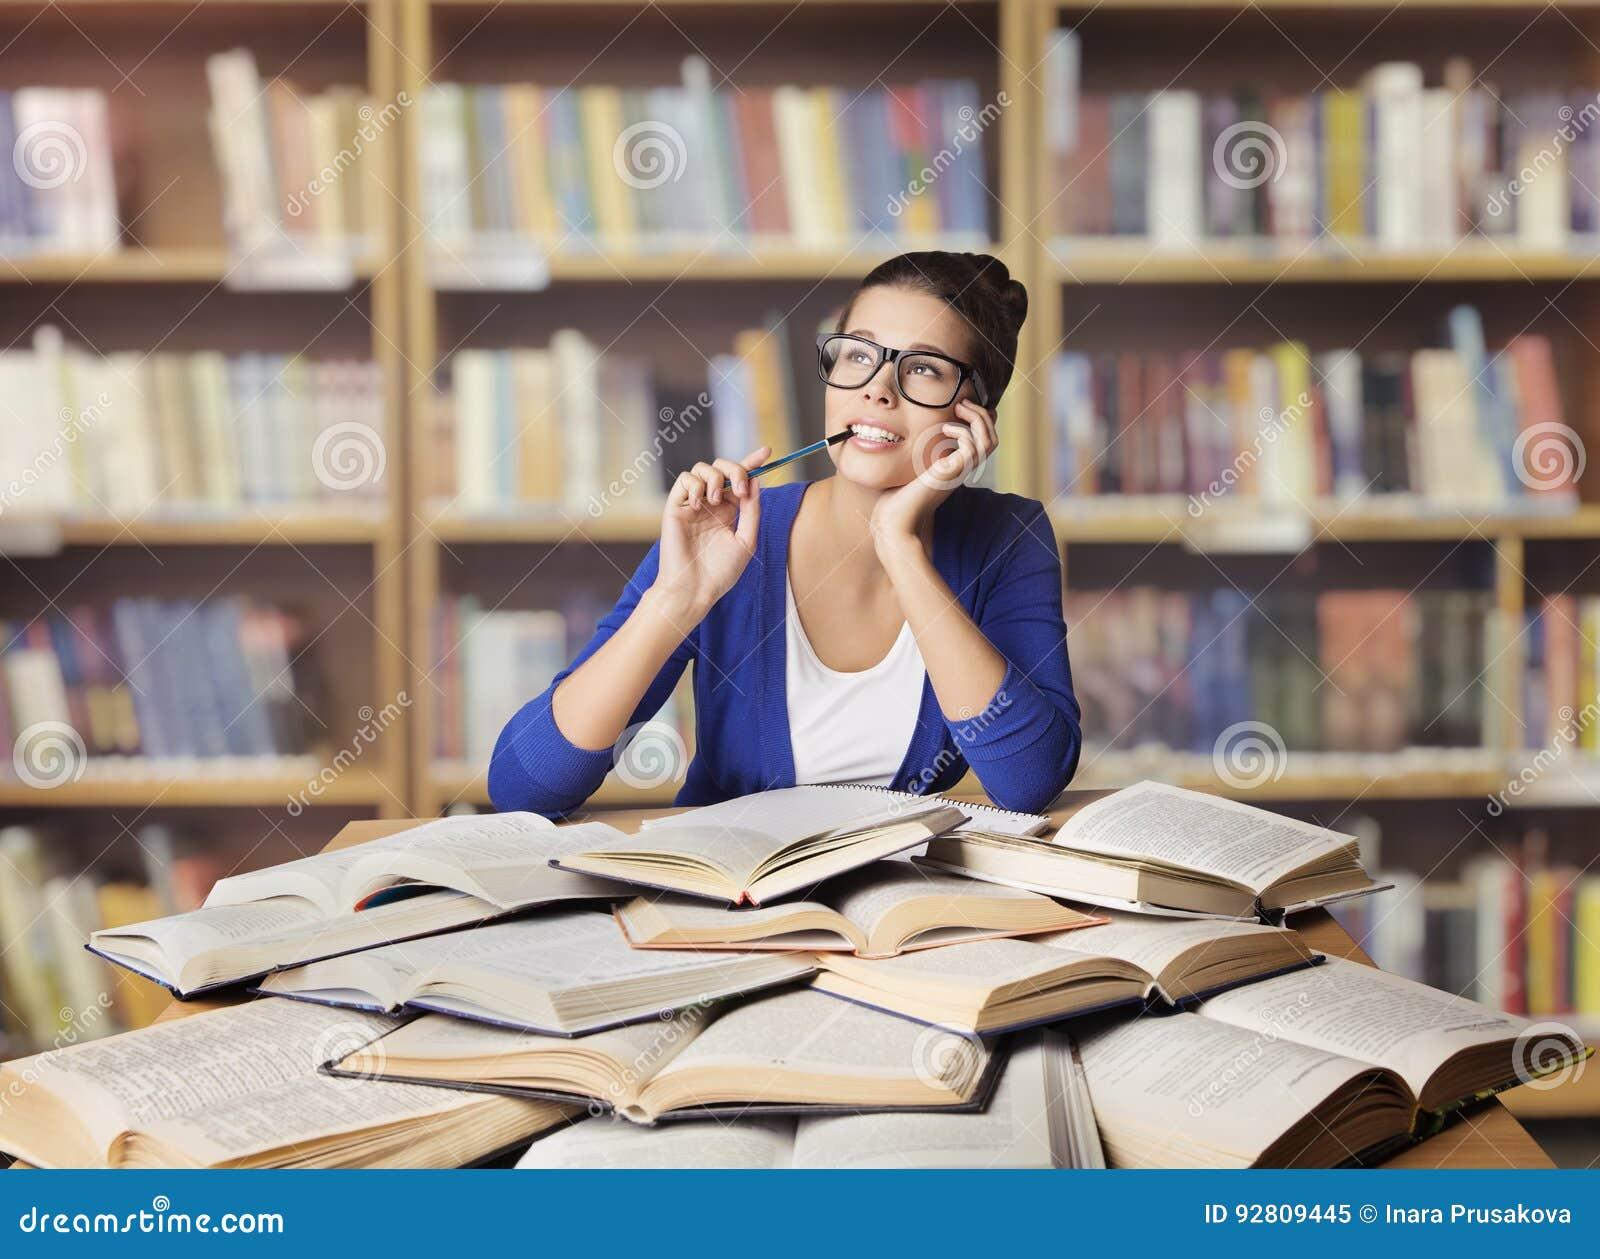 Femme dans la bibliothèque, étudiante Study Opened Books, étudiant la fille